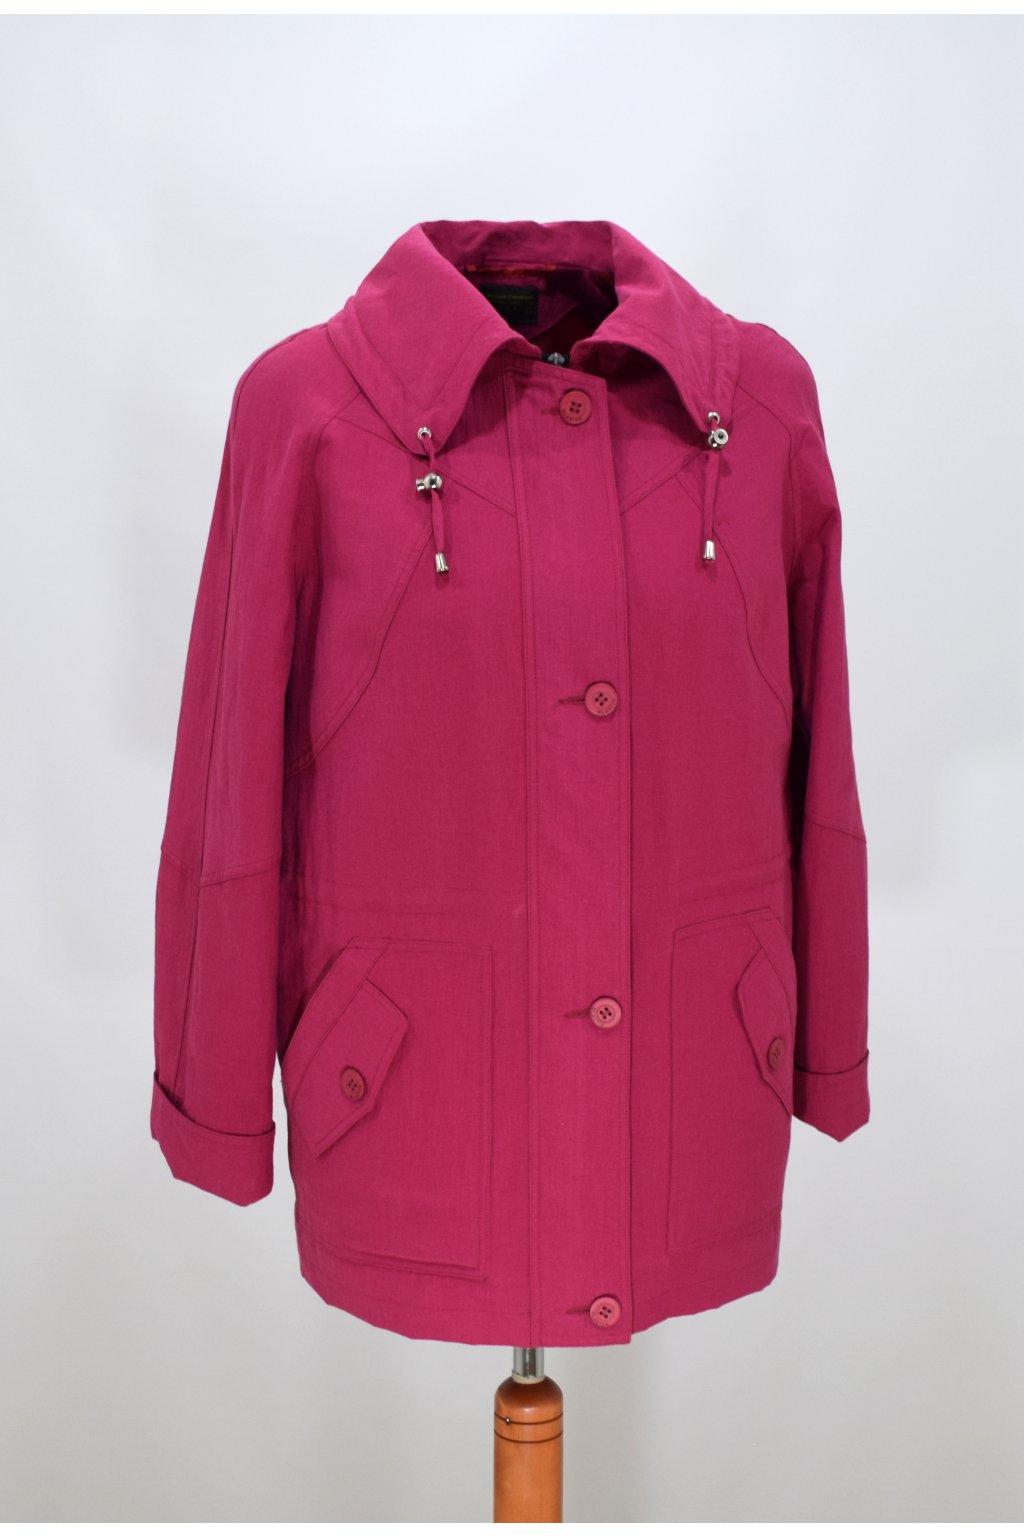 Dámská jarní růžová bunda Karmen nadměrné velikosti.